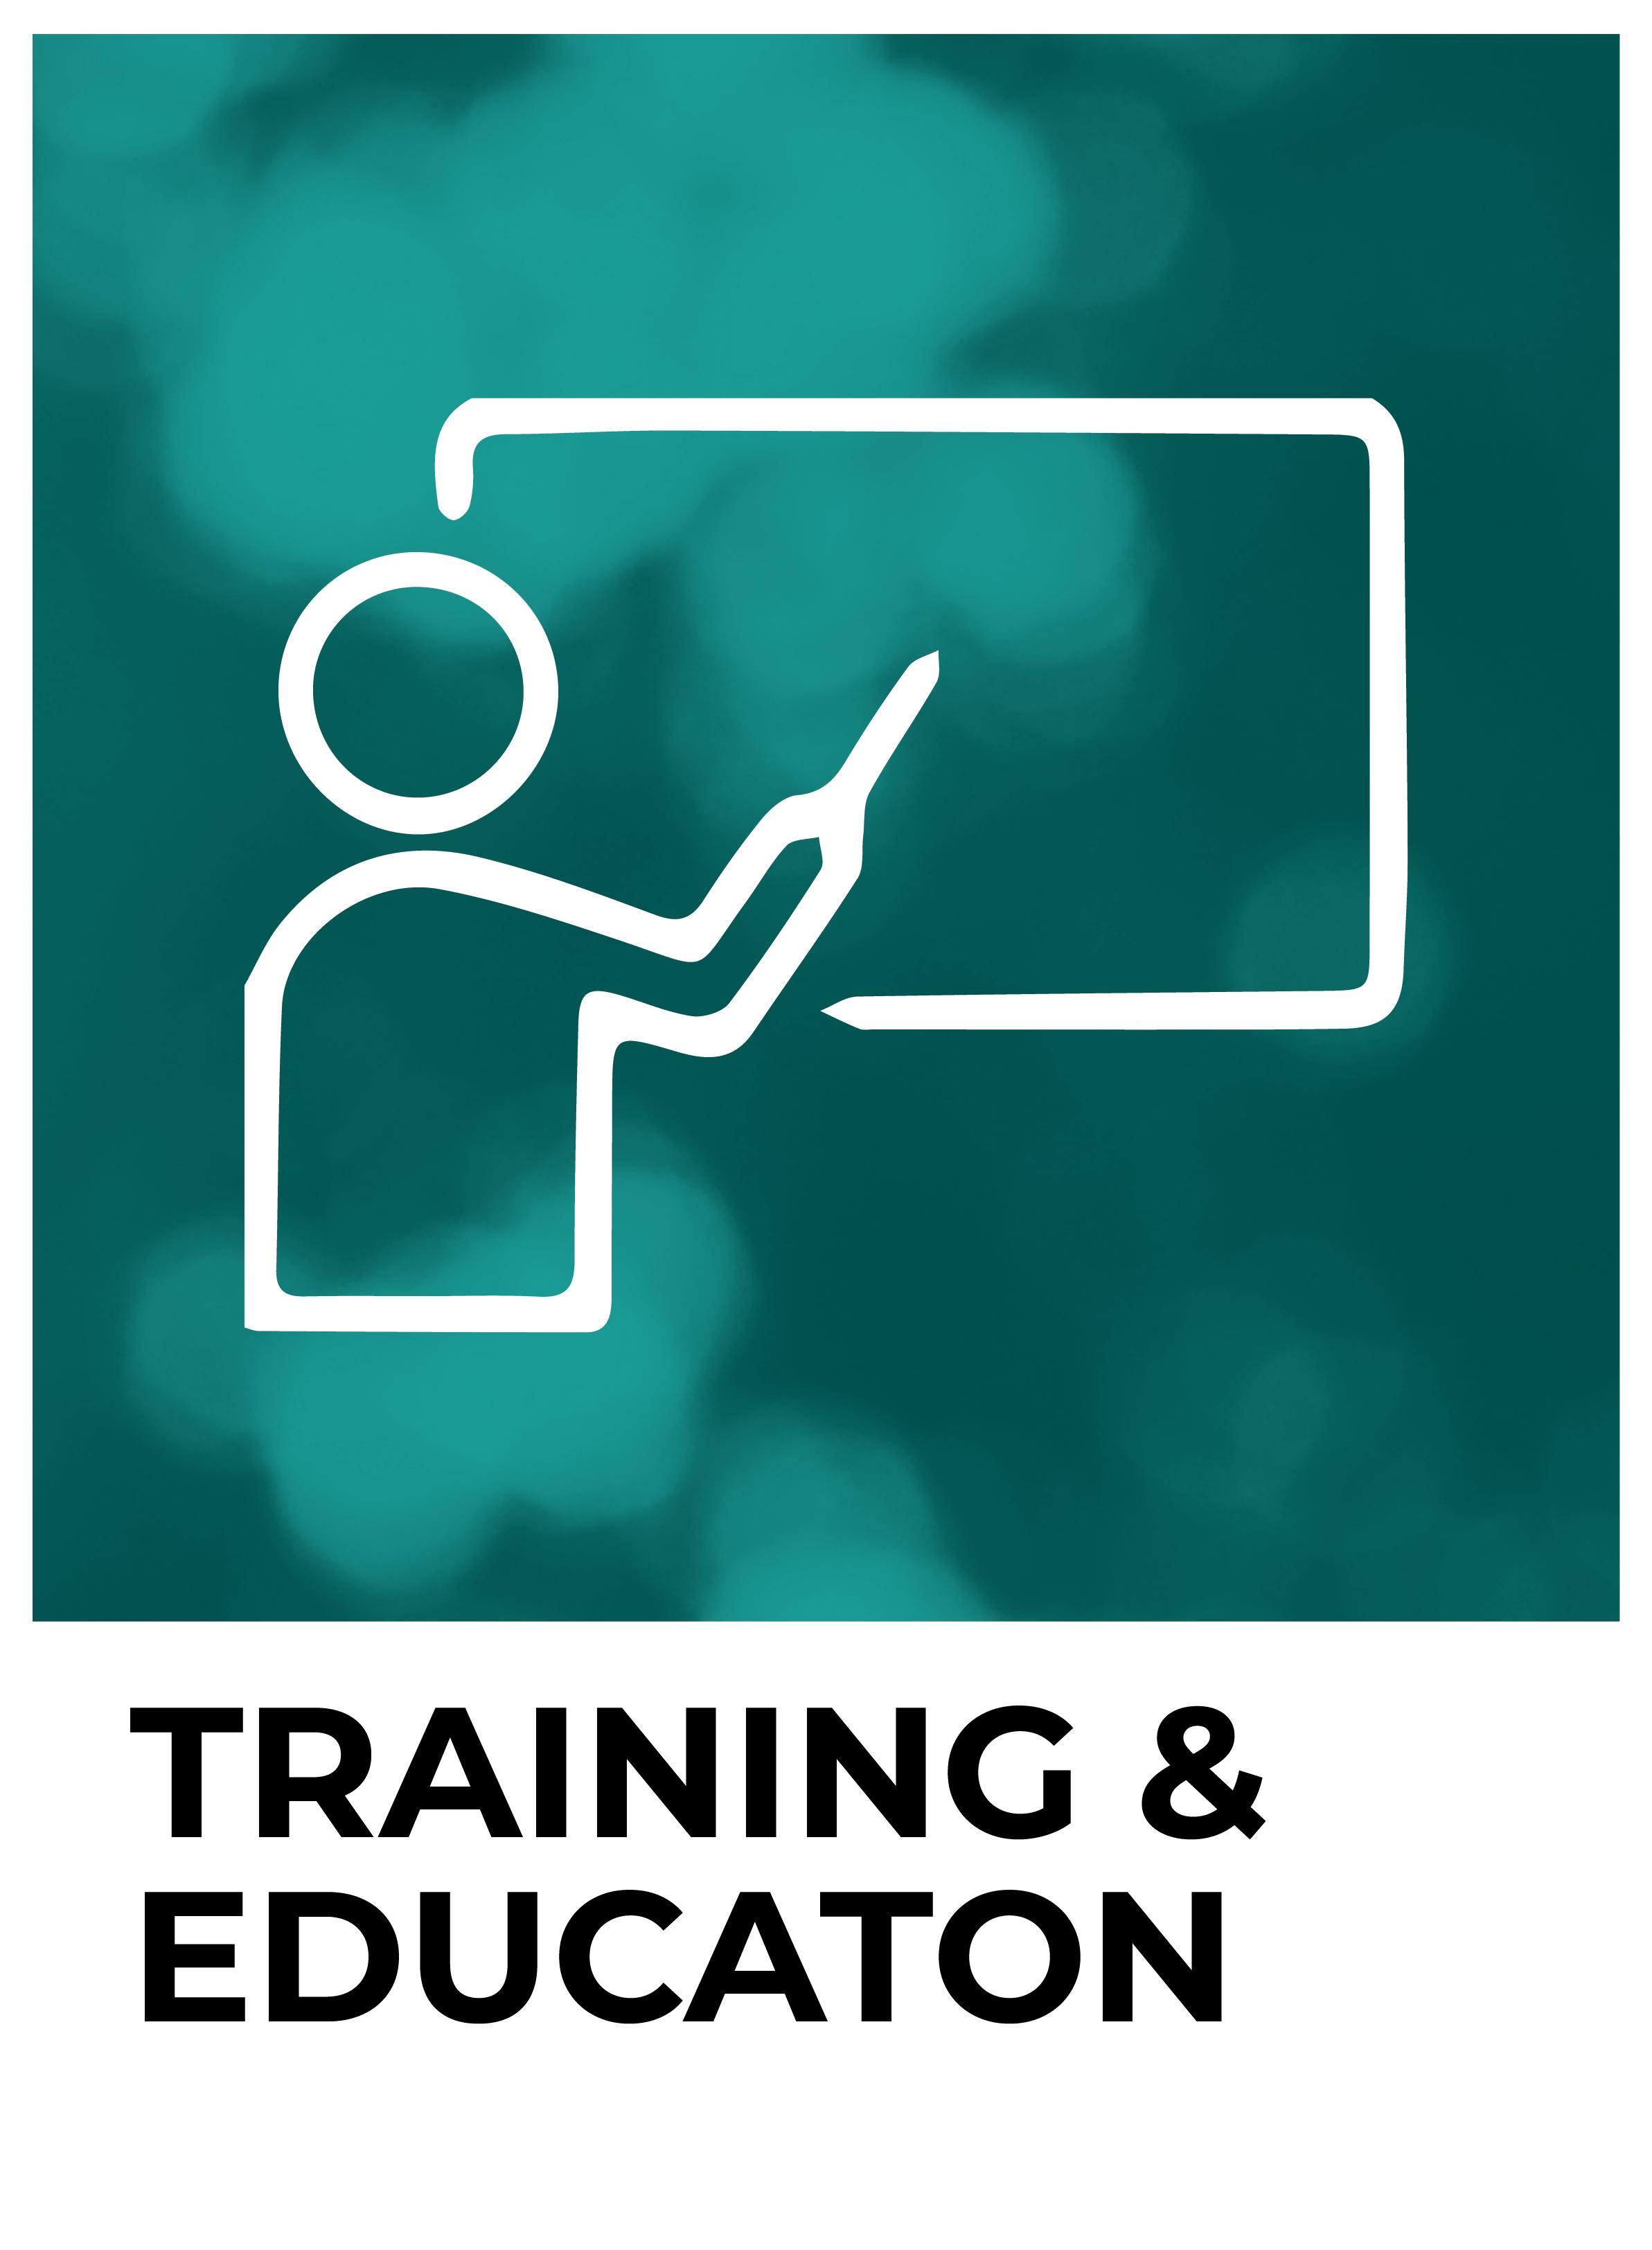 Training & Education Icon